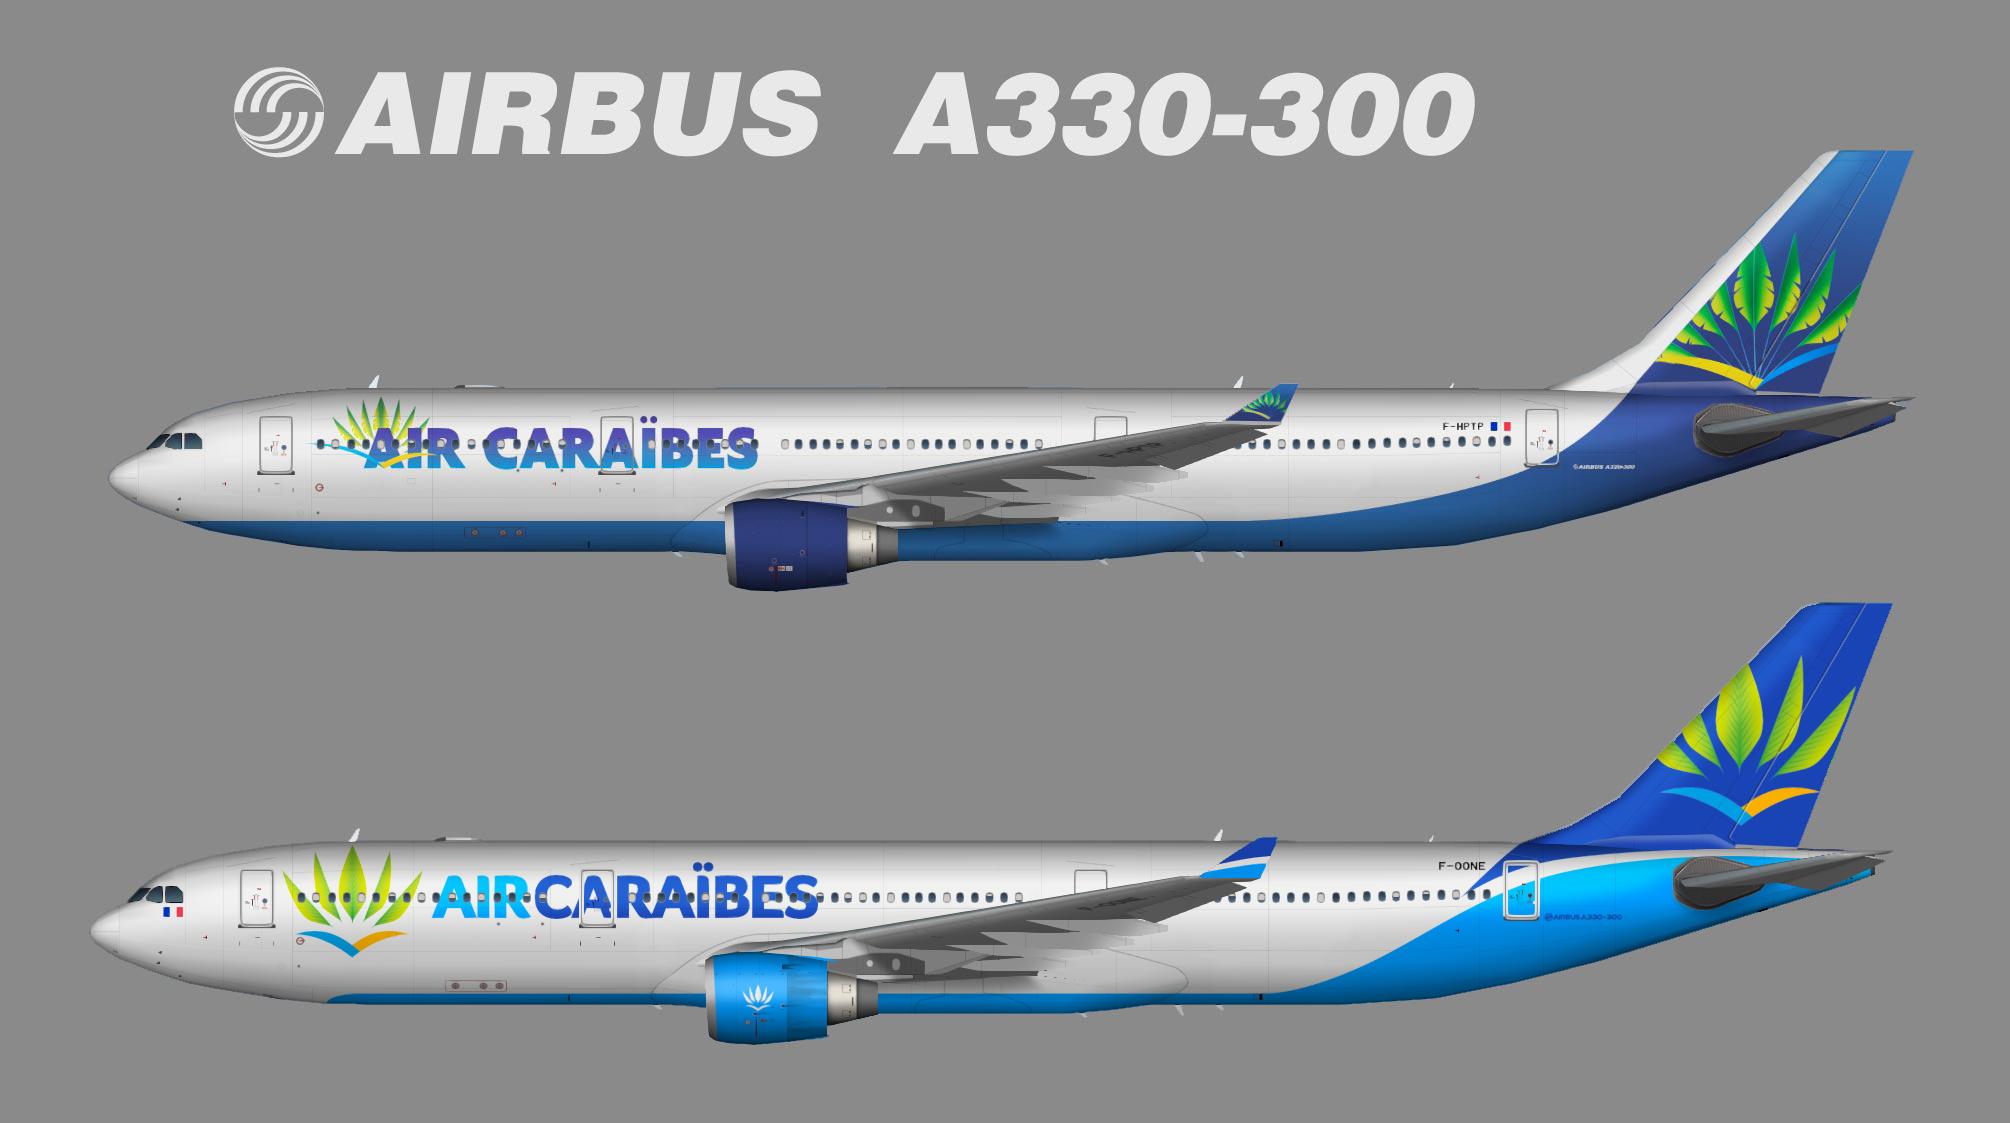 Air Caraibes Airbus A330-300